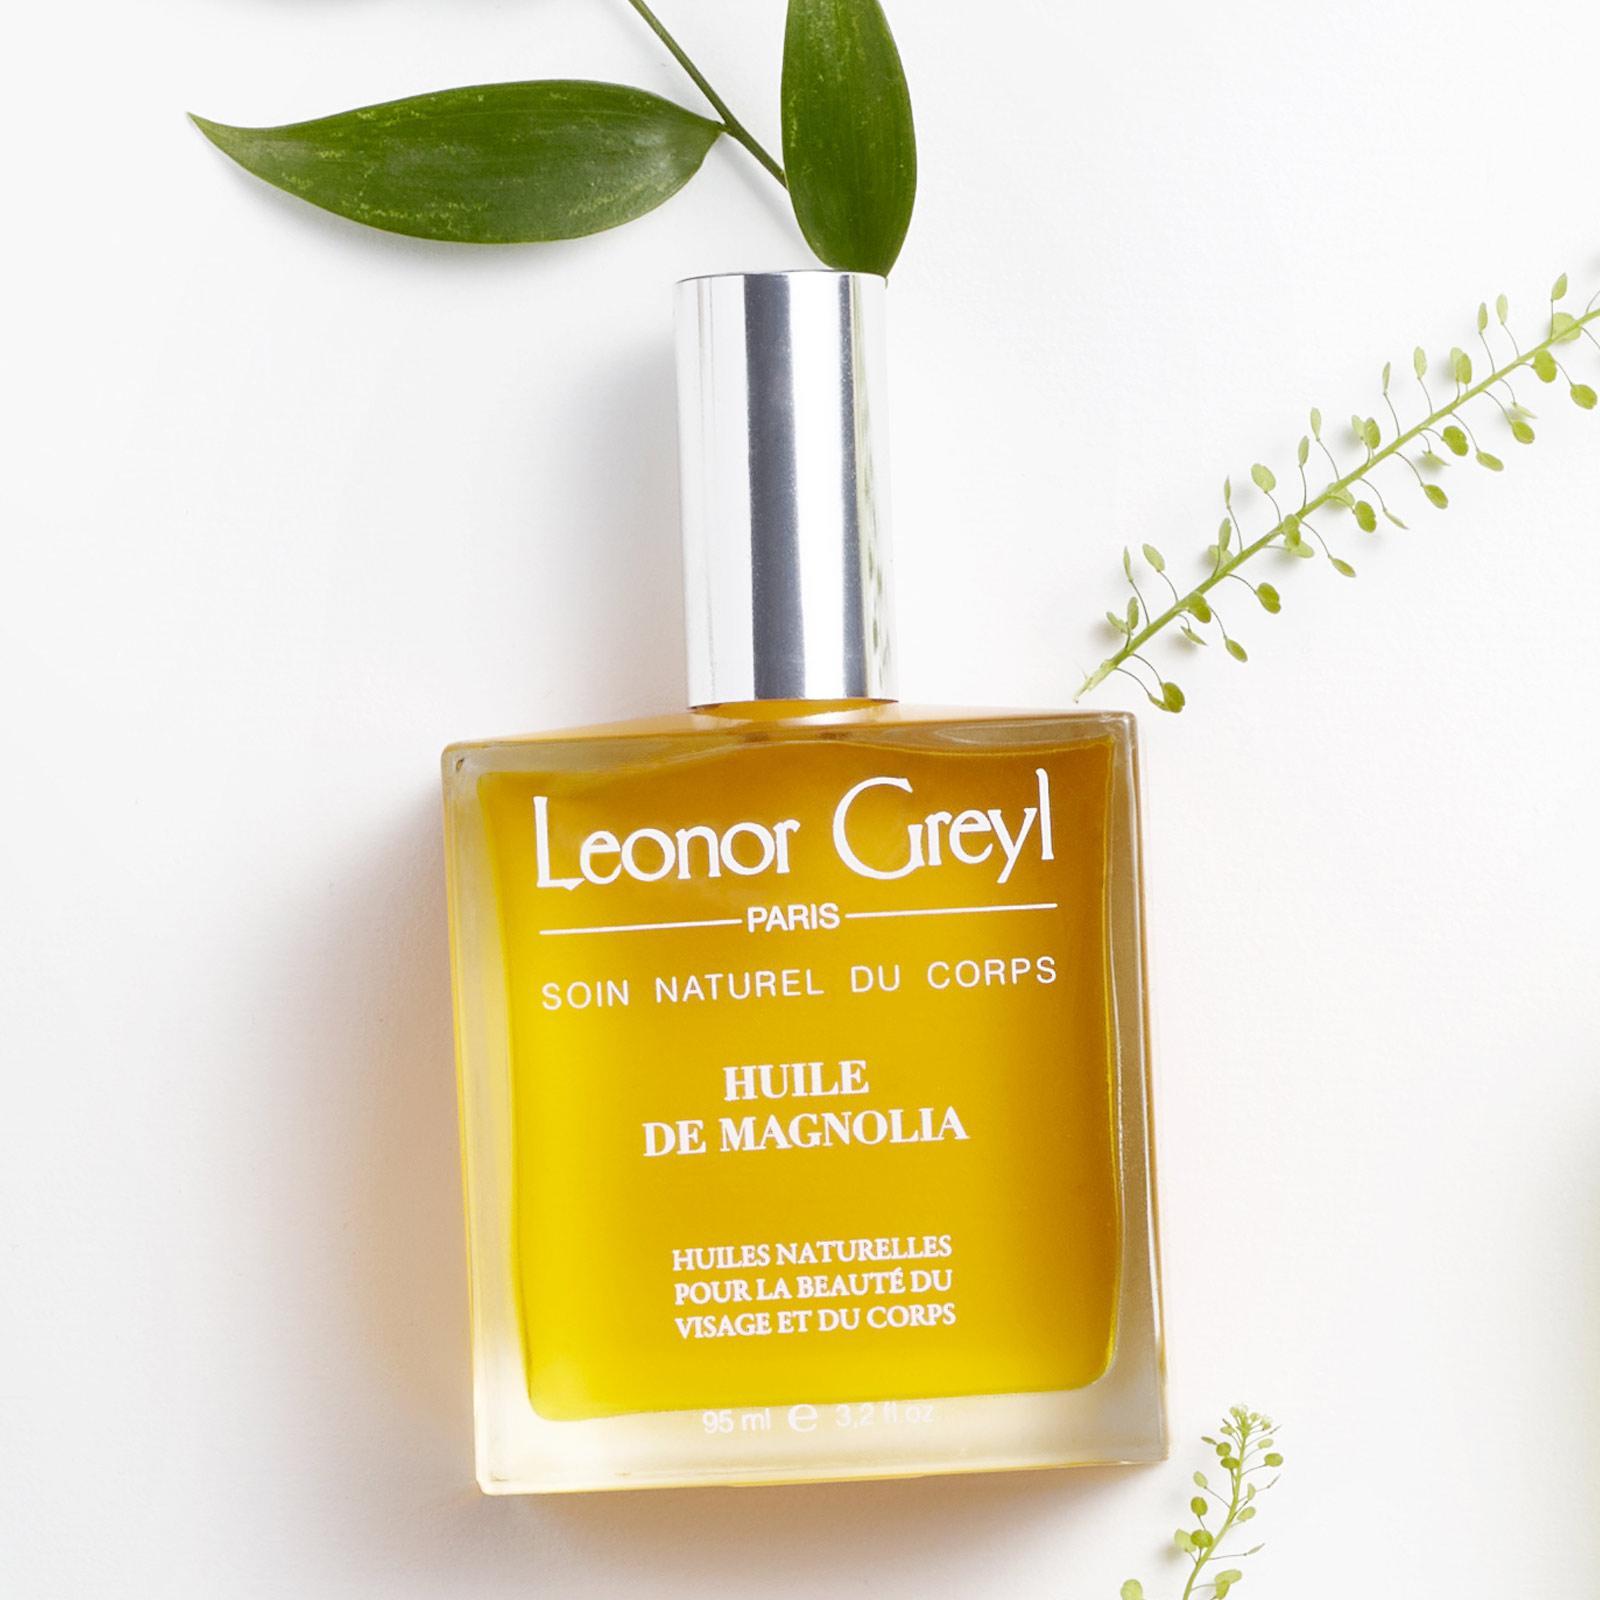 huile de magnolia by leonor greyl